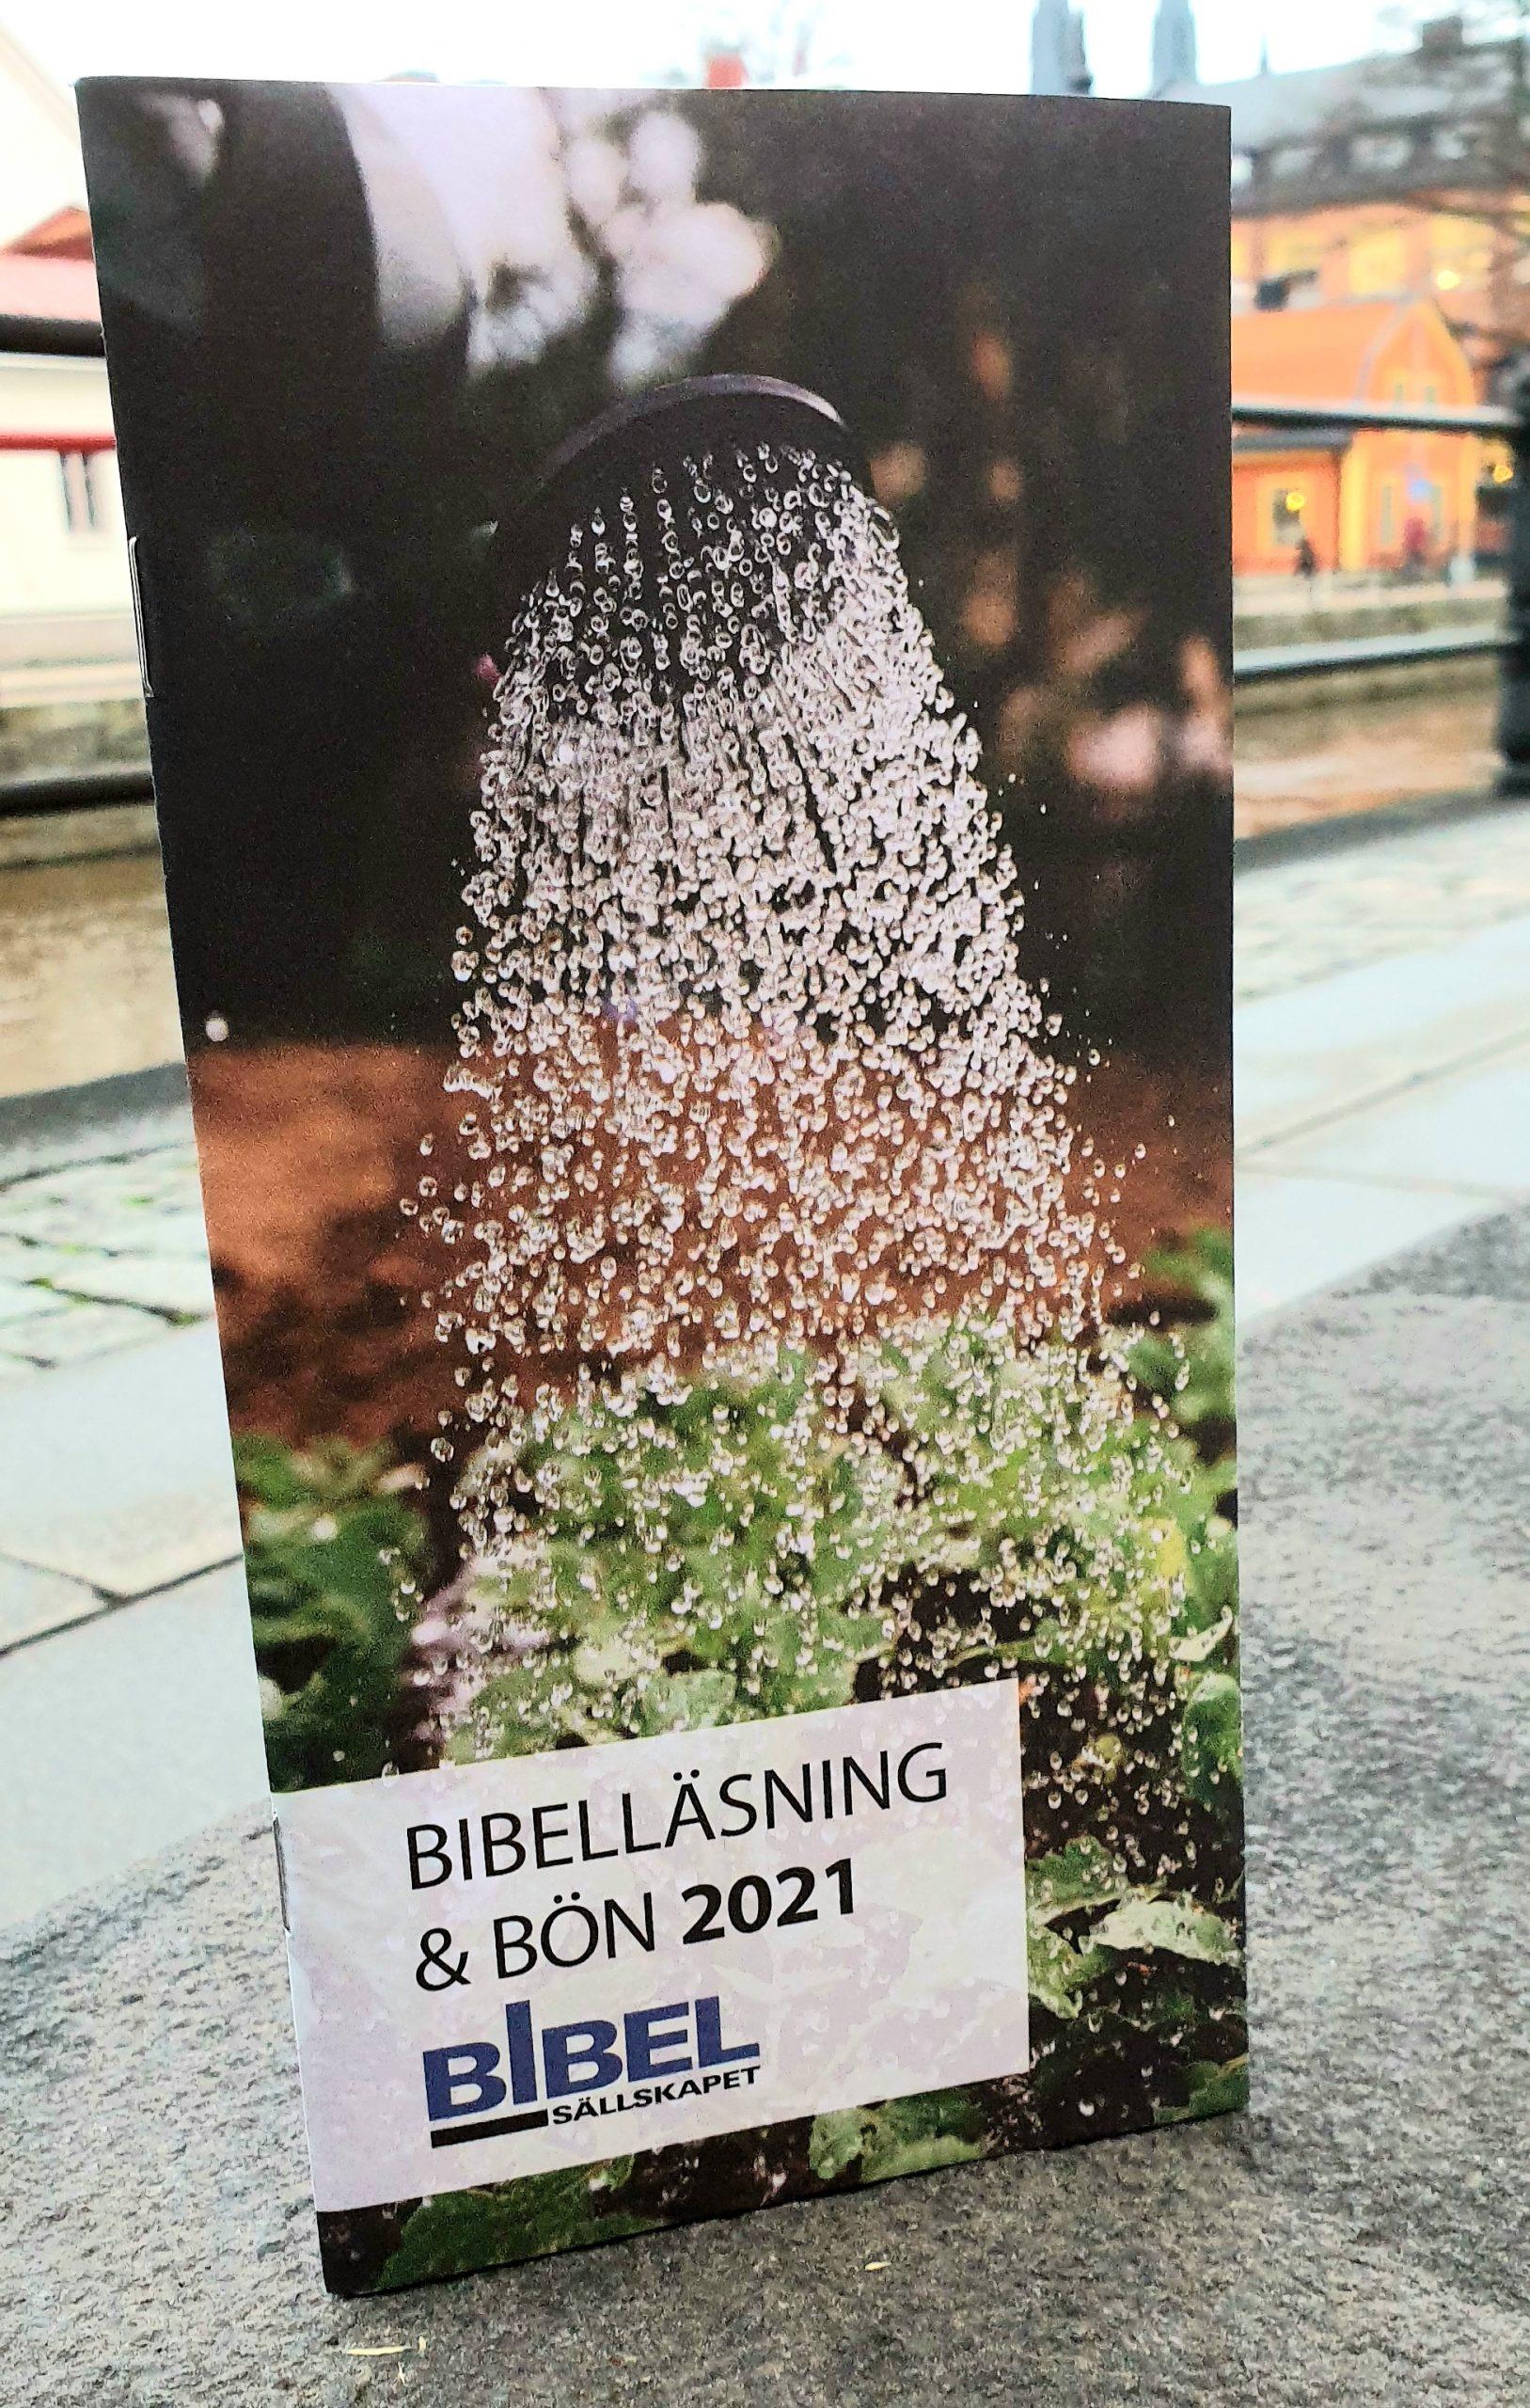 Bibelläsning och bön 2021 artikelnummer 2185 via bibelbutiken.se